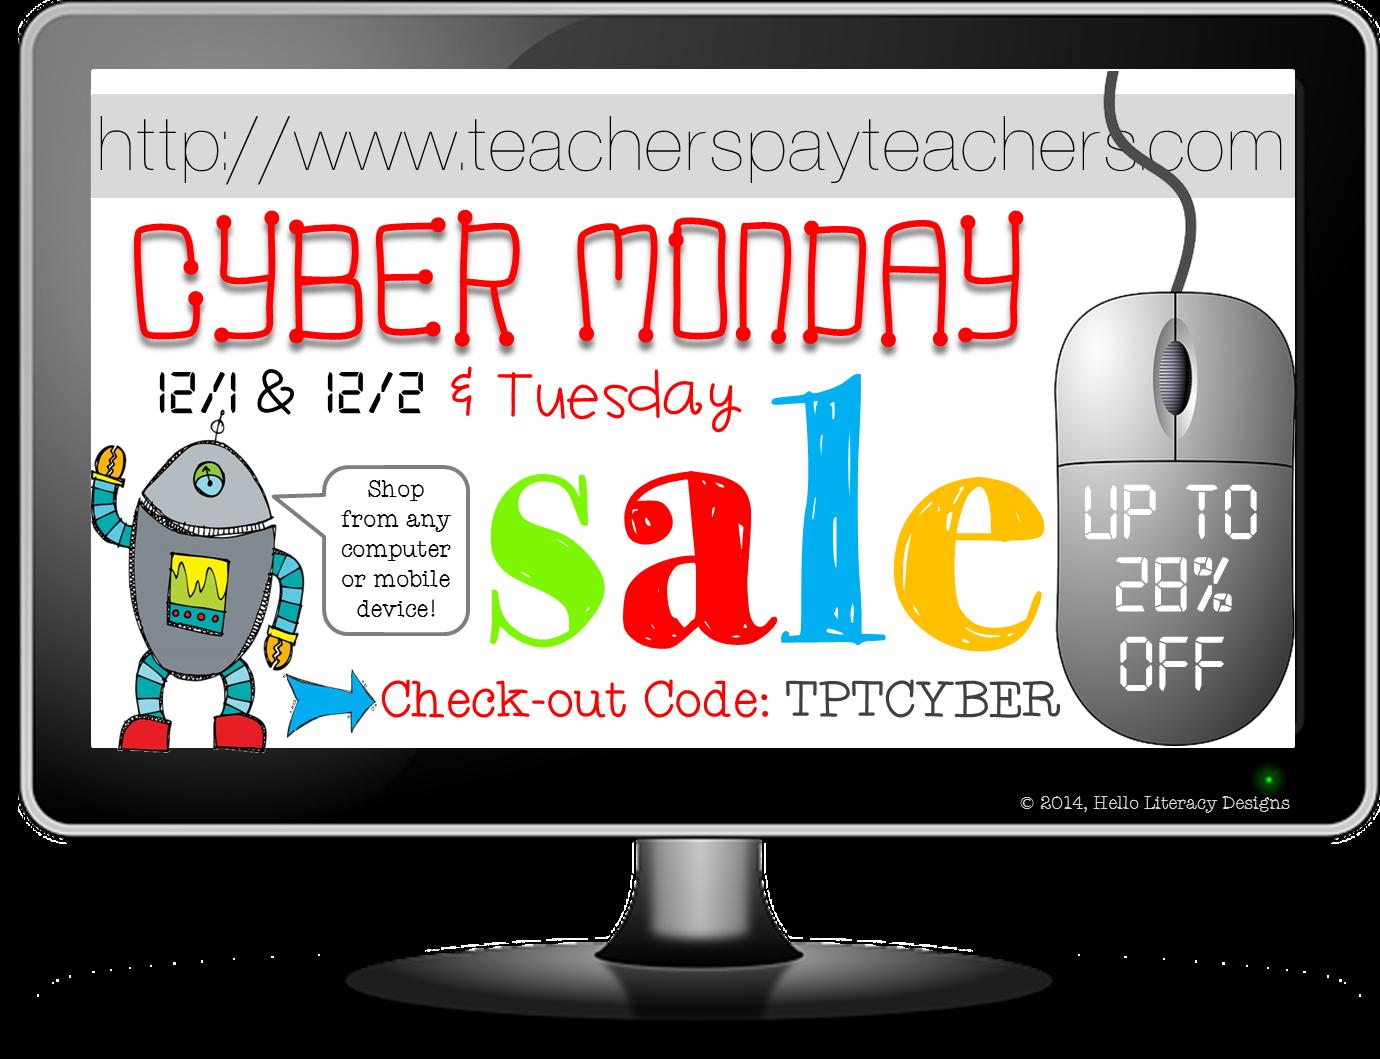 http://www.teacherspayteachers.com/Store/Msaplusteacher